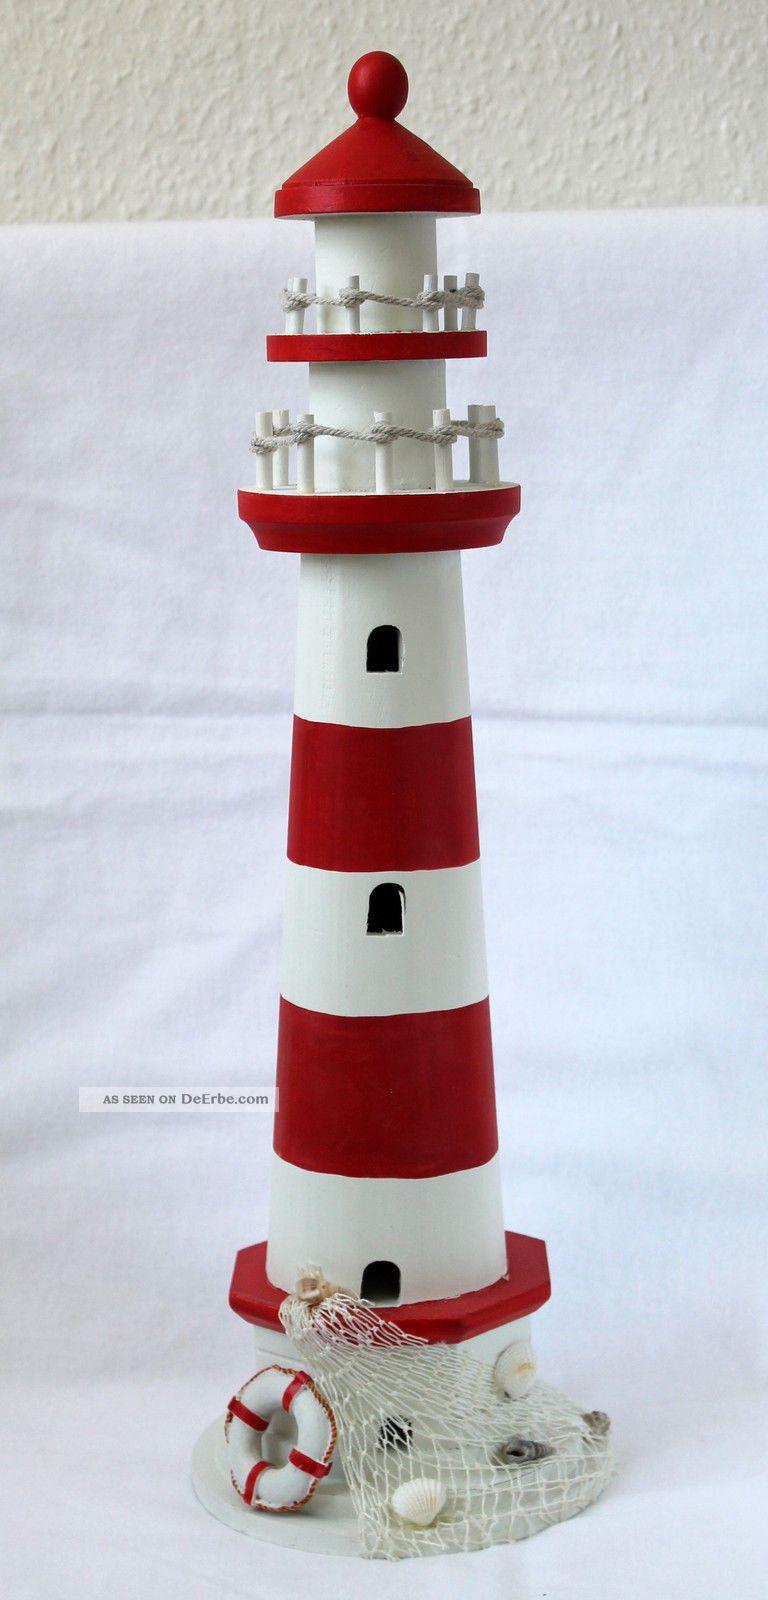 Leuchtturm holz 55cm zur dekoration maritim geschm ckt lighthouse - Dekoration maritim ...